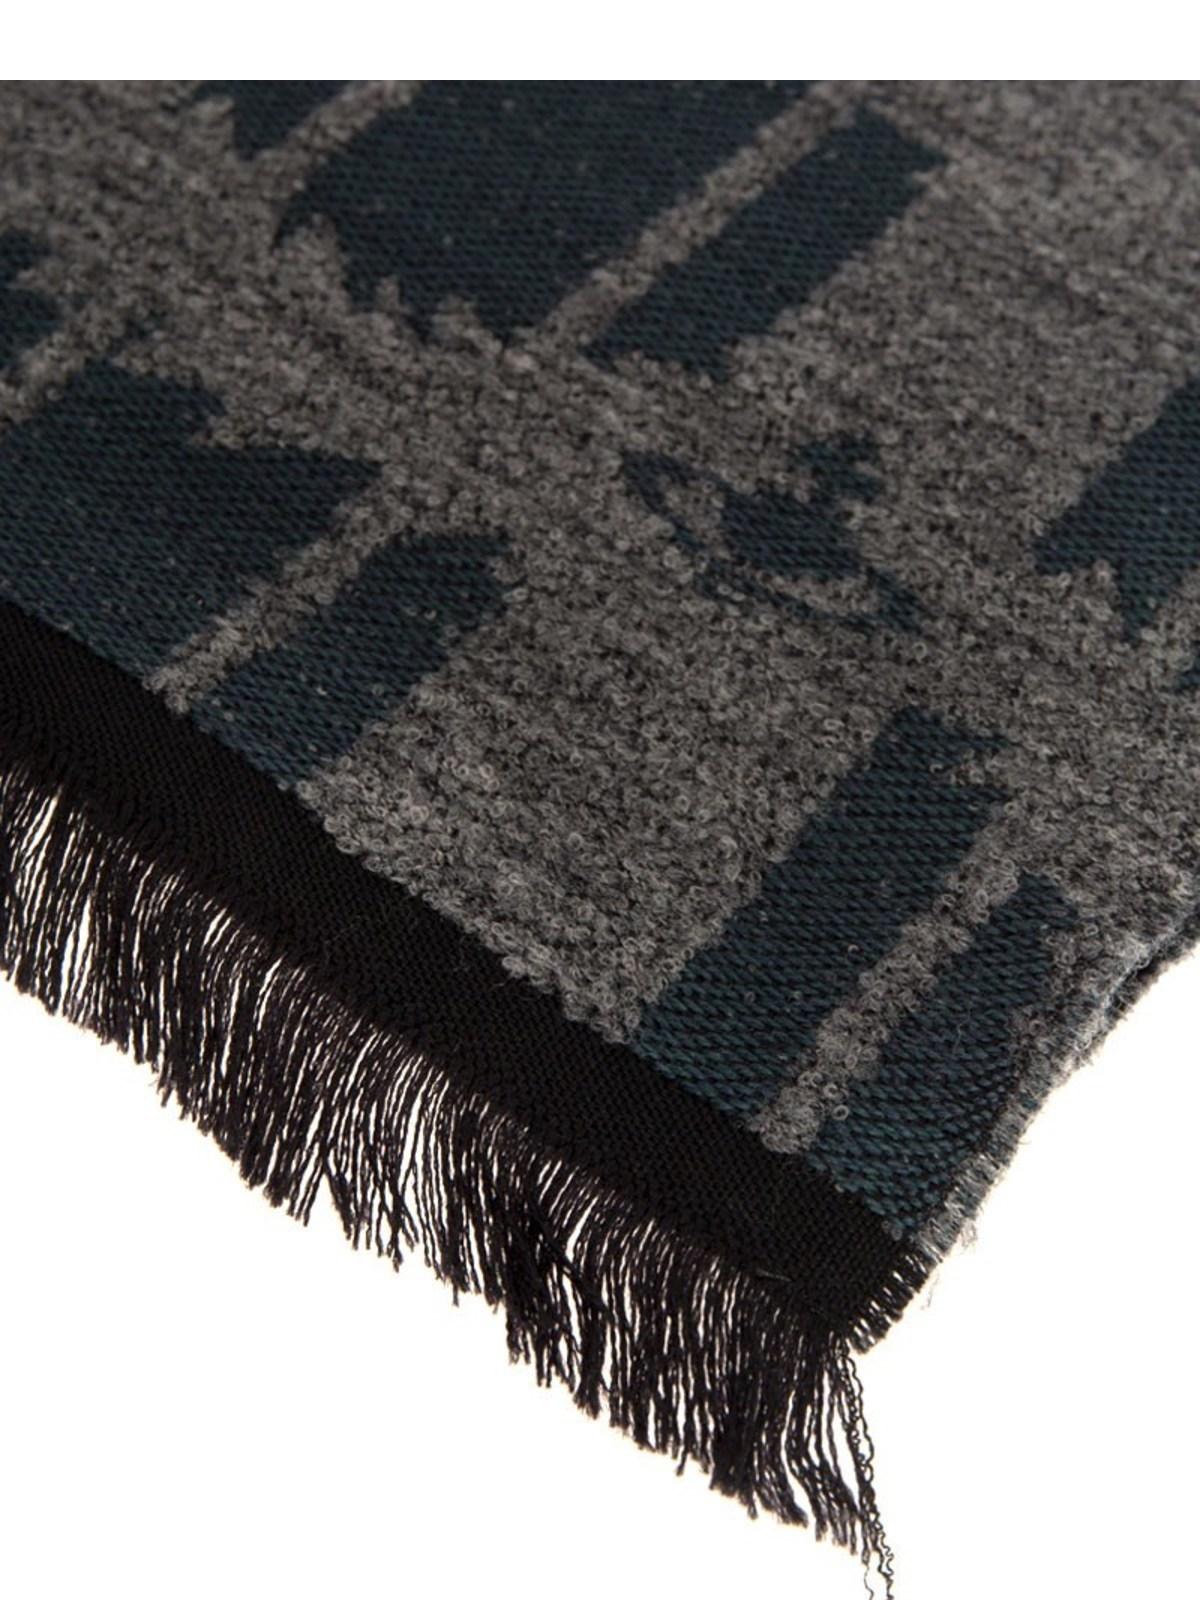 Vivienne Westwood Wool Scarf Scarves 8103001010072pn17310072m227pn